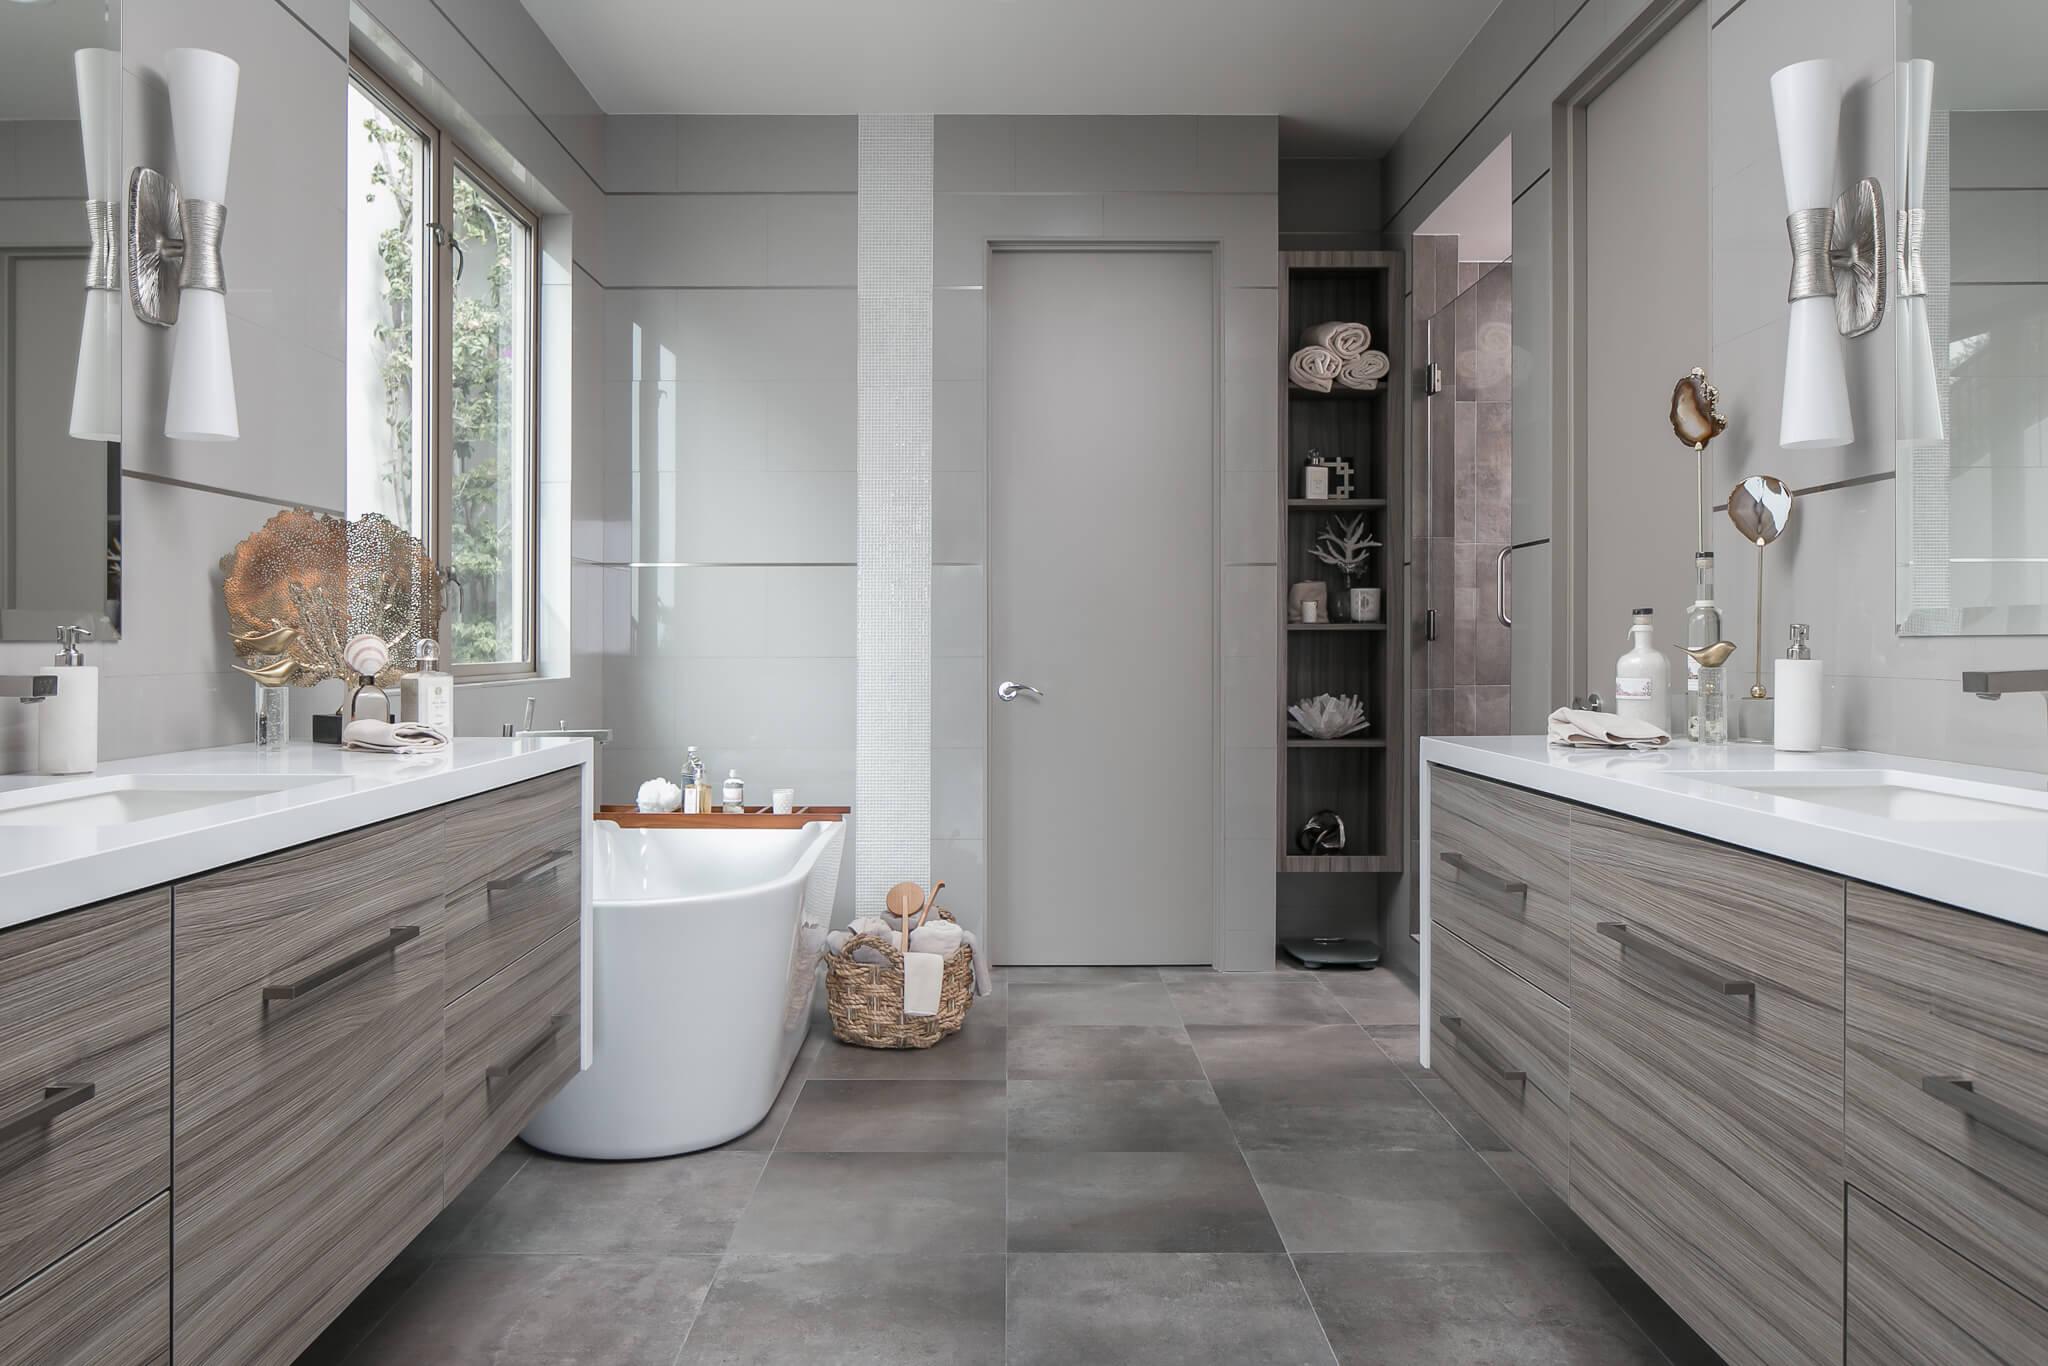 Custom_bathroom_contemporary_tfl_ptflat_textured_palissandro_02